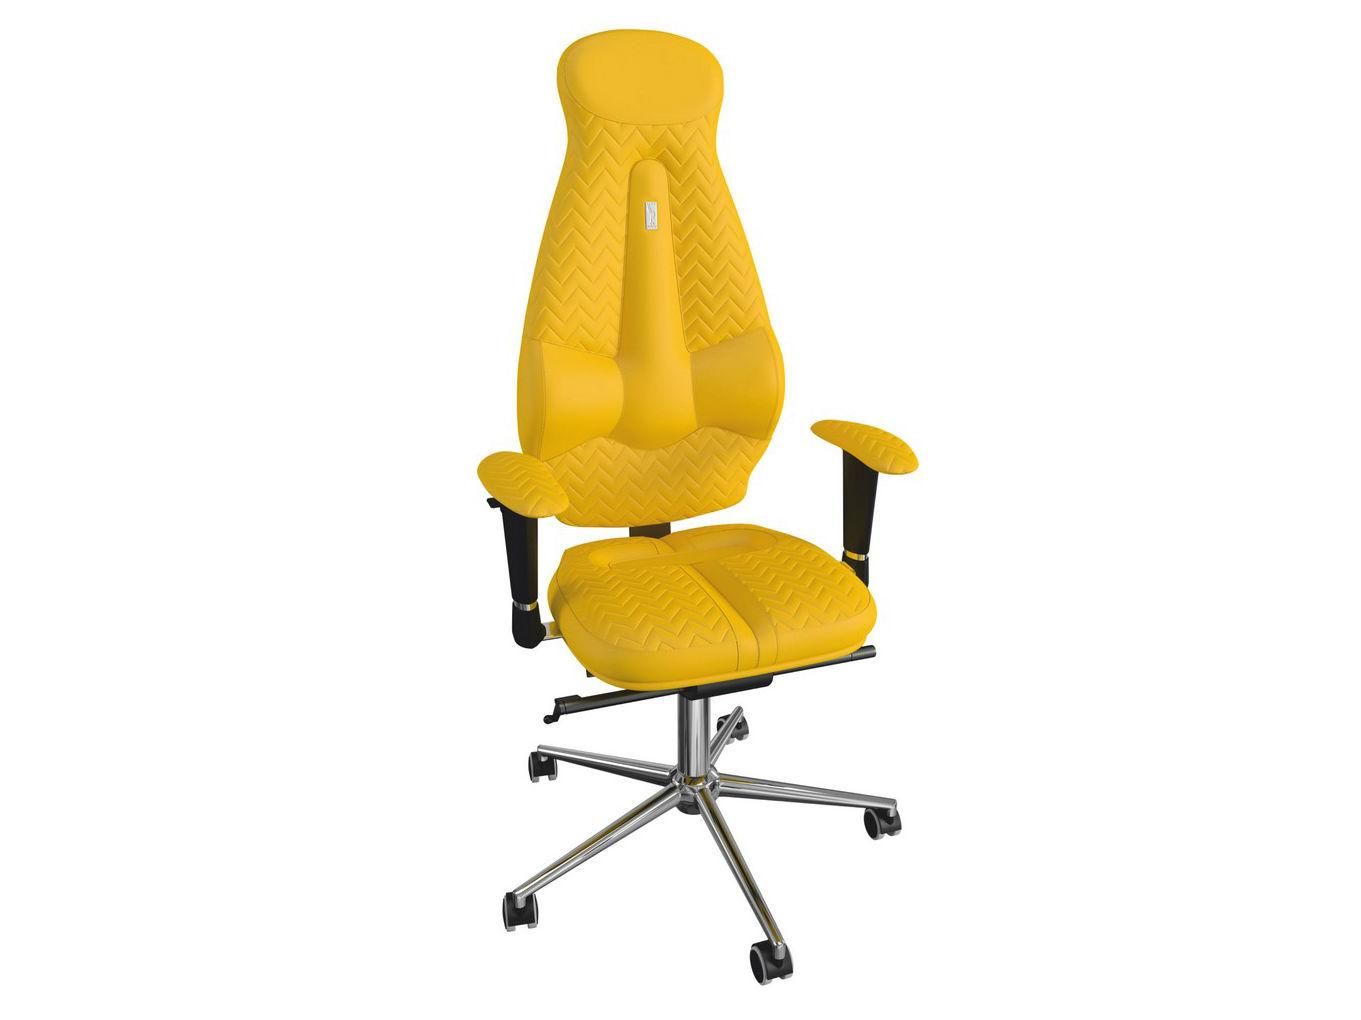 Кресло GALAXYРабочие кресла<br>В данной модели конструкторам удалось превосходно сочетать элегантный дизайн, первоклассную комфортность и полезную эргономику. Благодаря этим успешным составляющим модель Galaxy заслужено считается лучшим помощником эффективной работы.&amp;amp;nbsp;<br><br>Material: Кожа<br>Length см: None<br>Width см: 65<br>Depth см: 56<br>Height см: 139<br>Diameter см: None